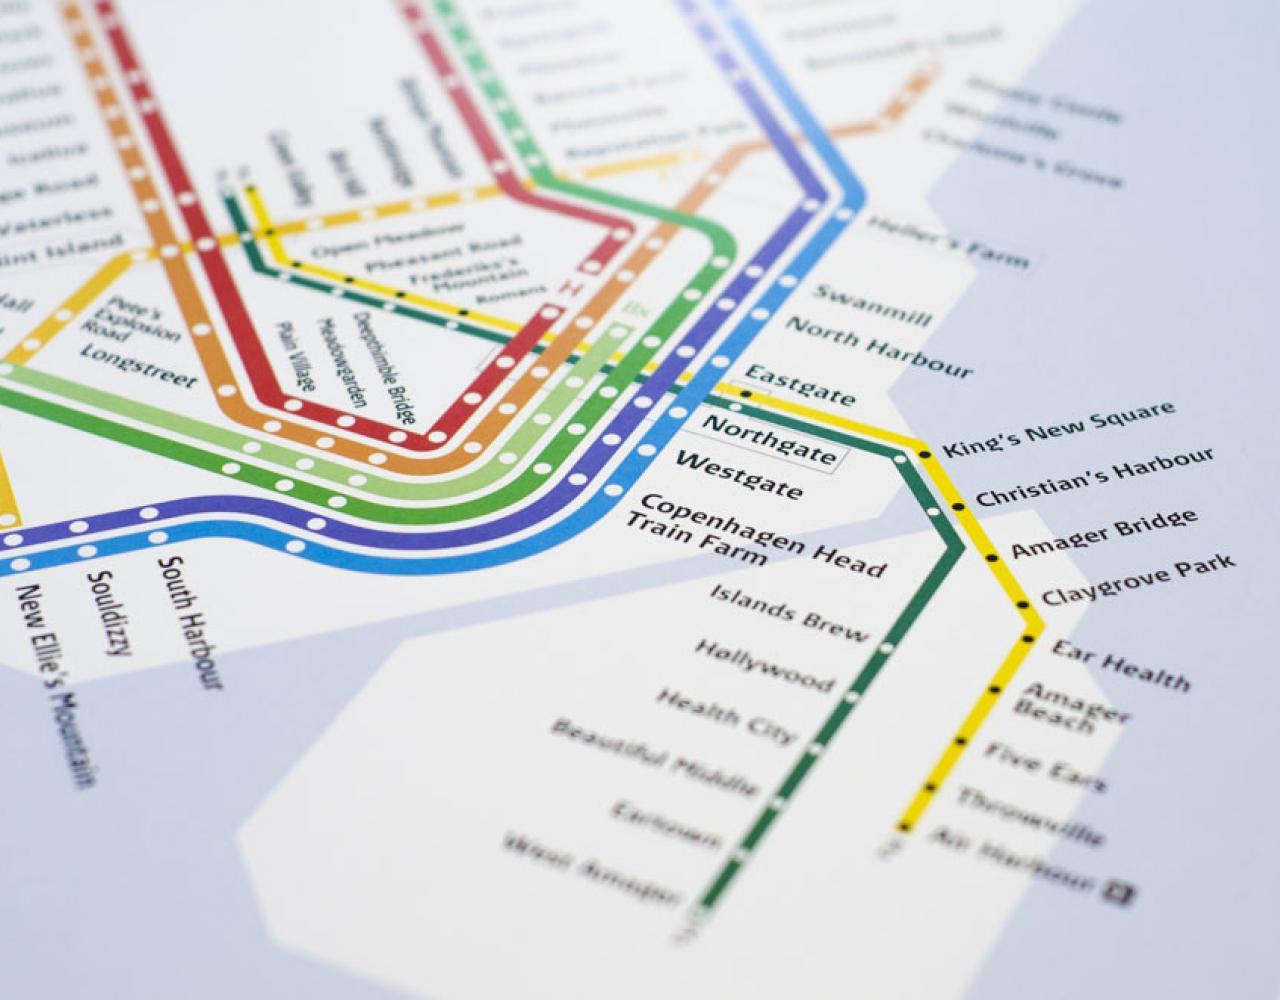 metromash transit map copenhagen